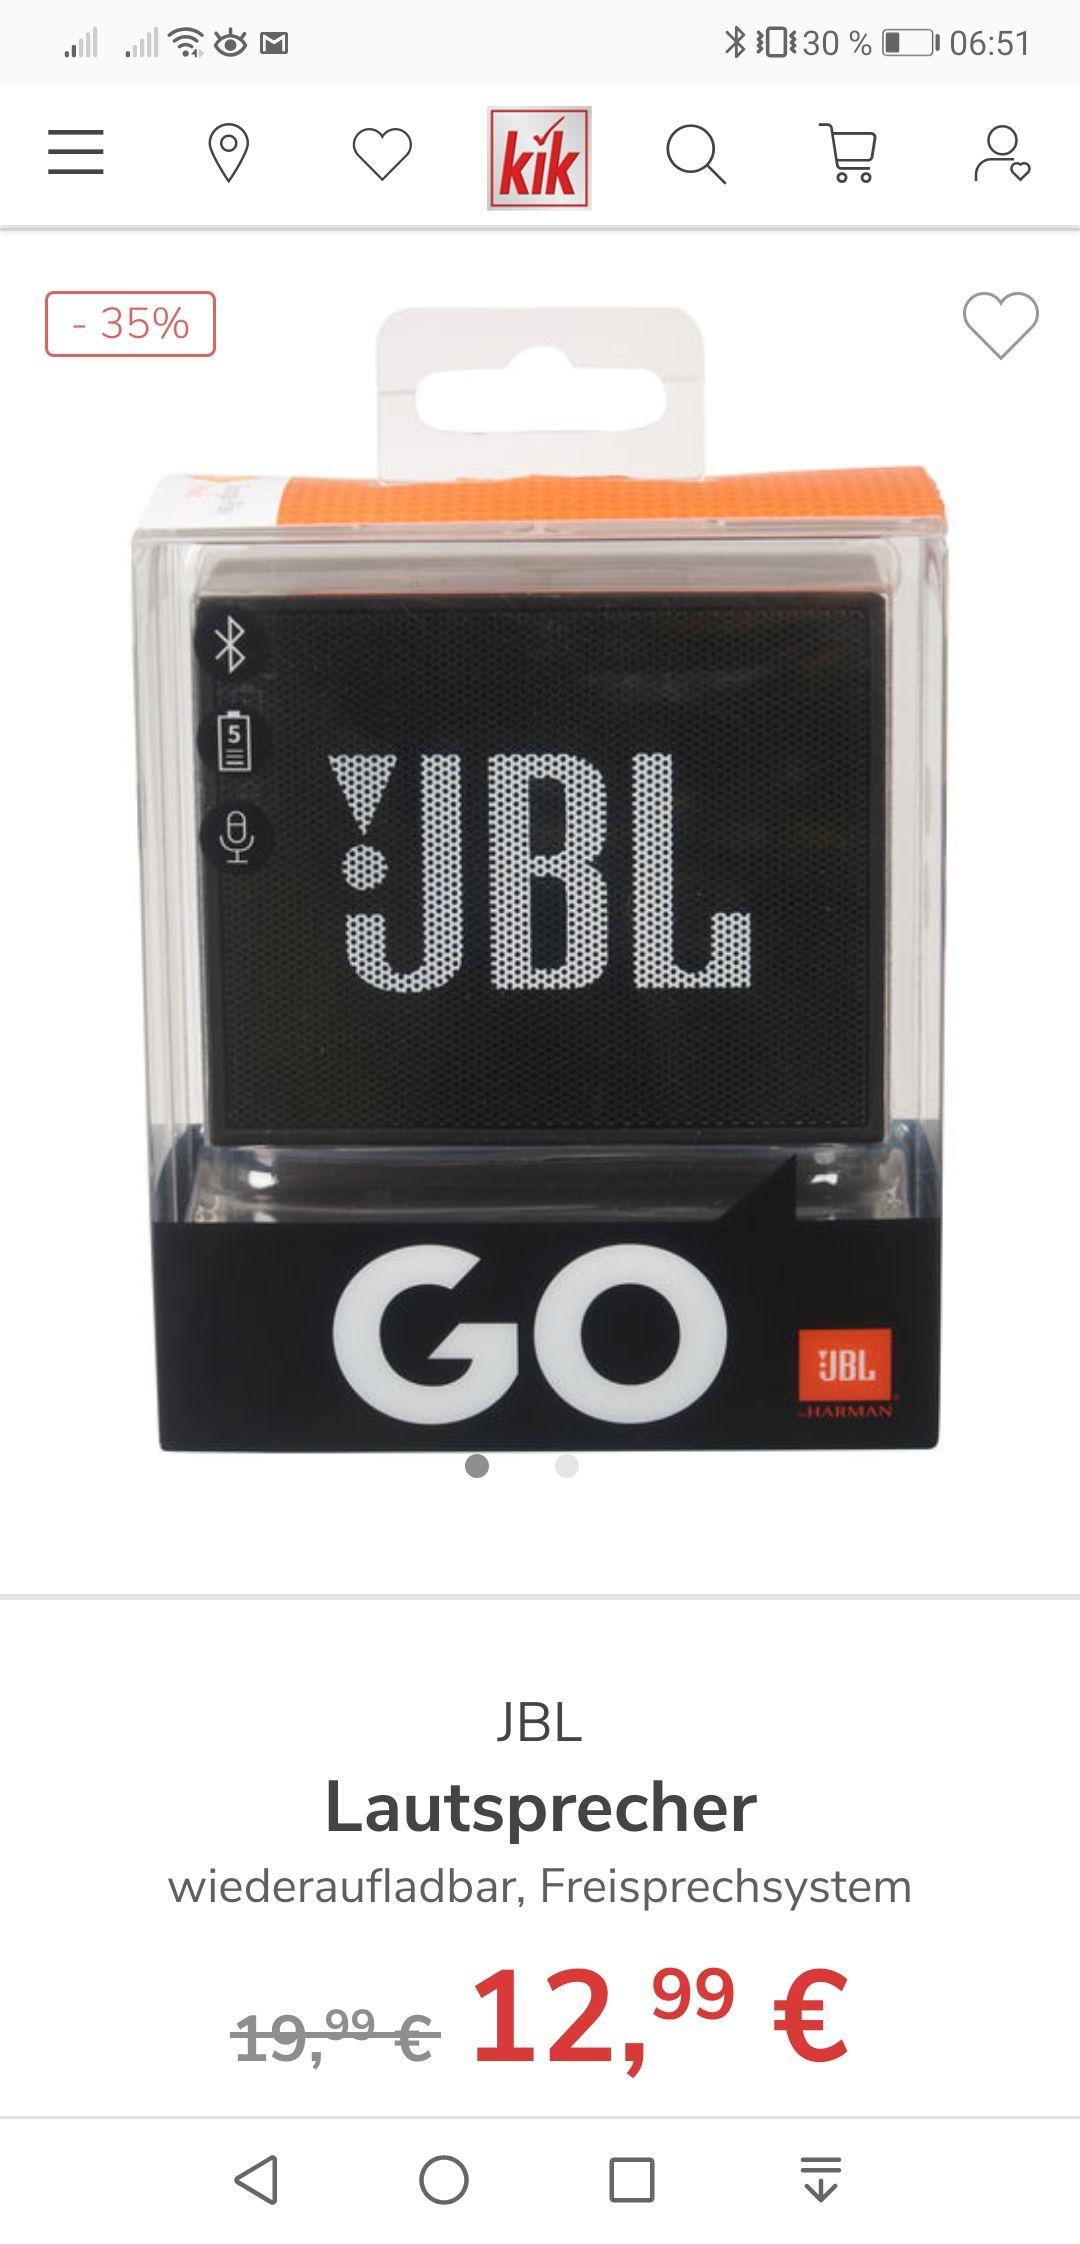 JBL GO schwarz bei KiK.de versandkostenfrei in die Filiale